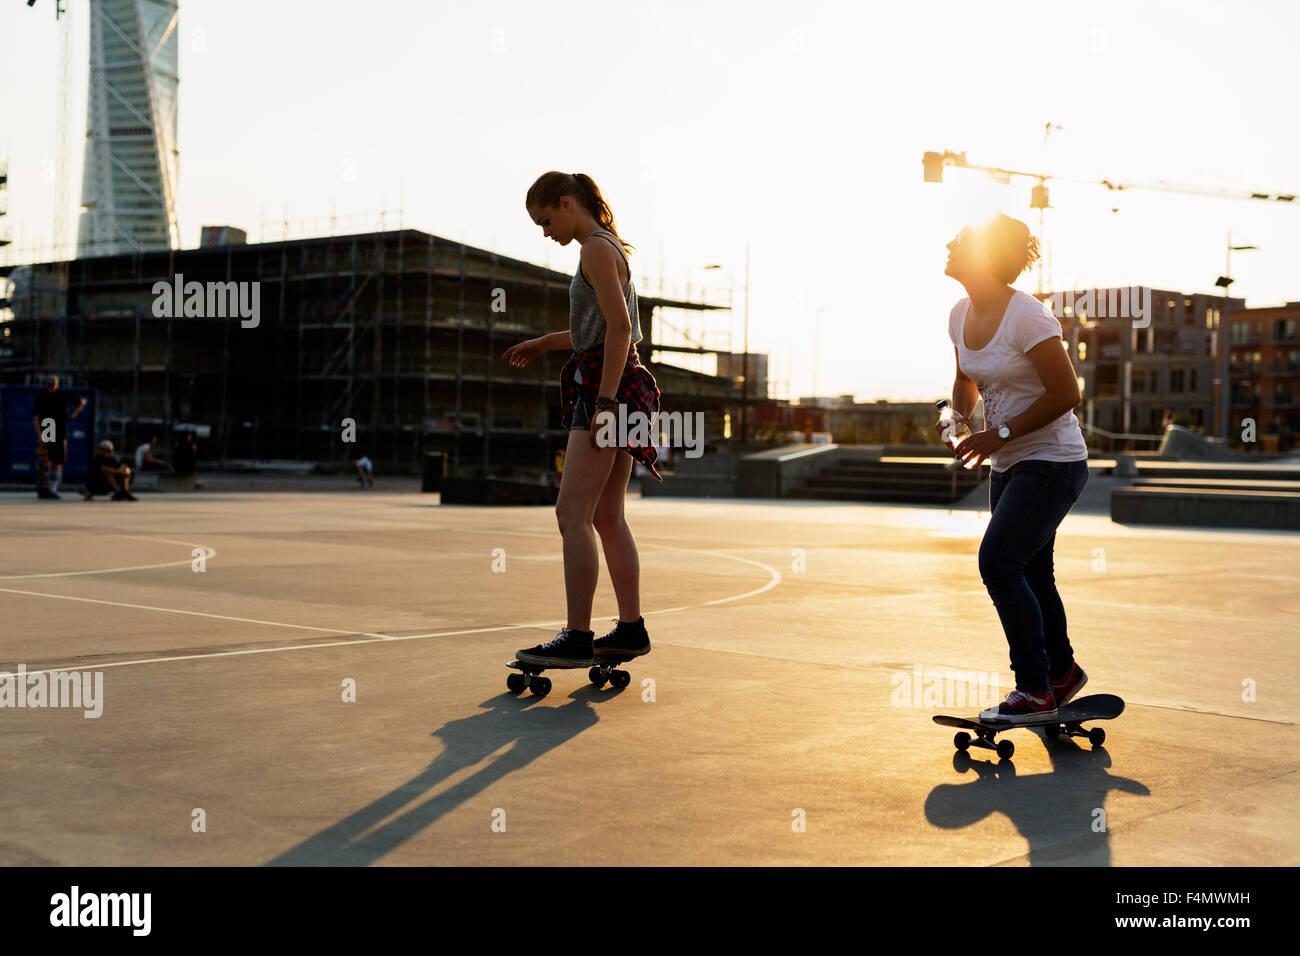 Toute la longueur d'amis adolescents skateboard dans skate park Photo Stock